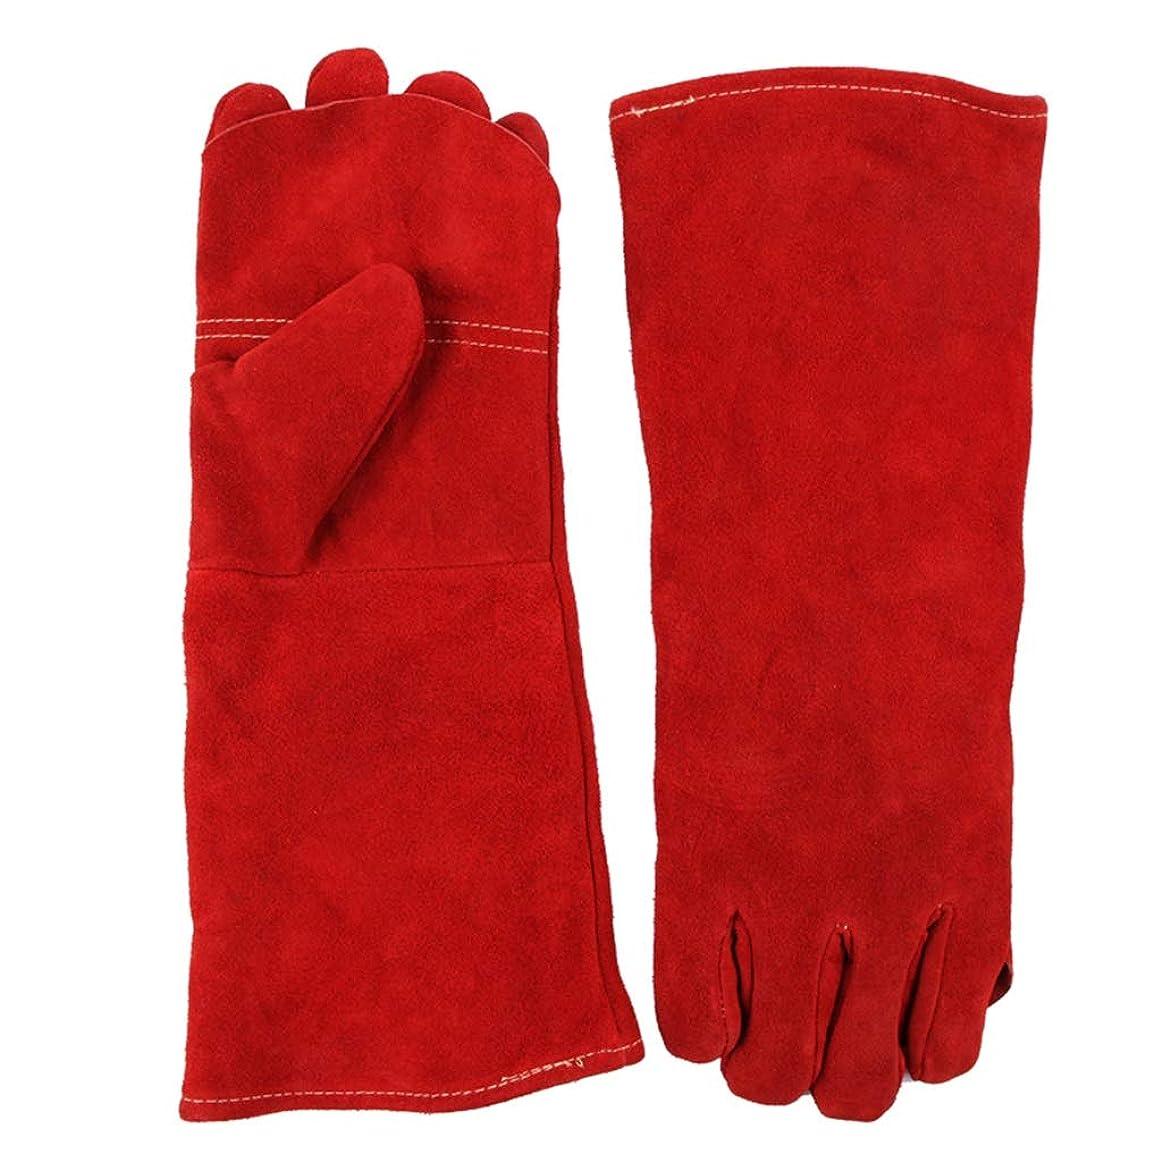 ハリウッド神話置くためにパックIUYWL手袋 革溶接手袋ダブル厚い長いセクション抗咬傷抗火傷防止手袋赤30センチ×40センチ IUYWL手袋